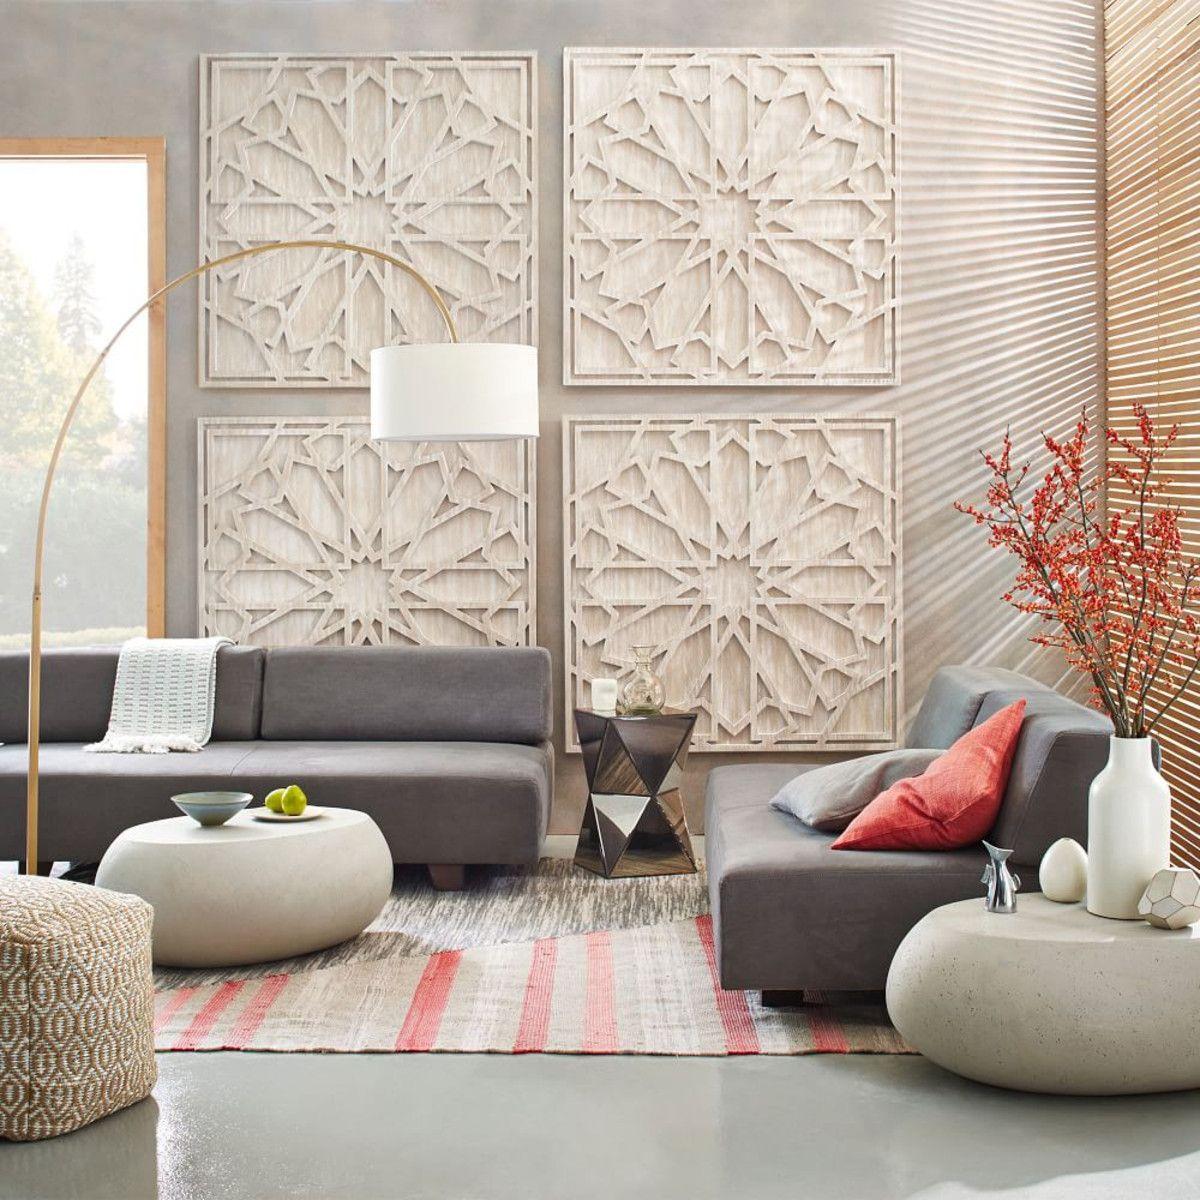 Whitewashed Wood Wall Art   Lounge room   Pinterest   Whitewash wood ...